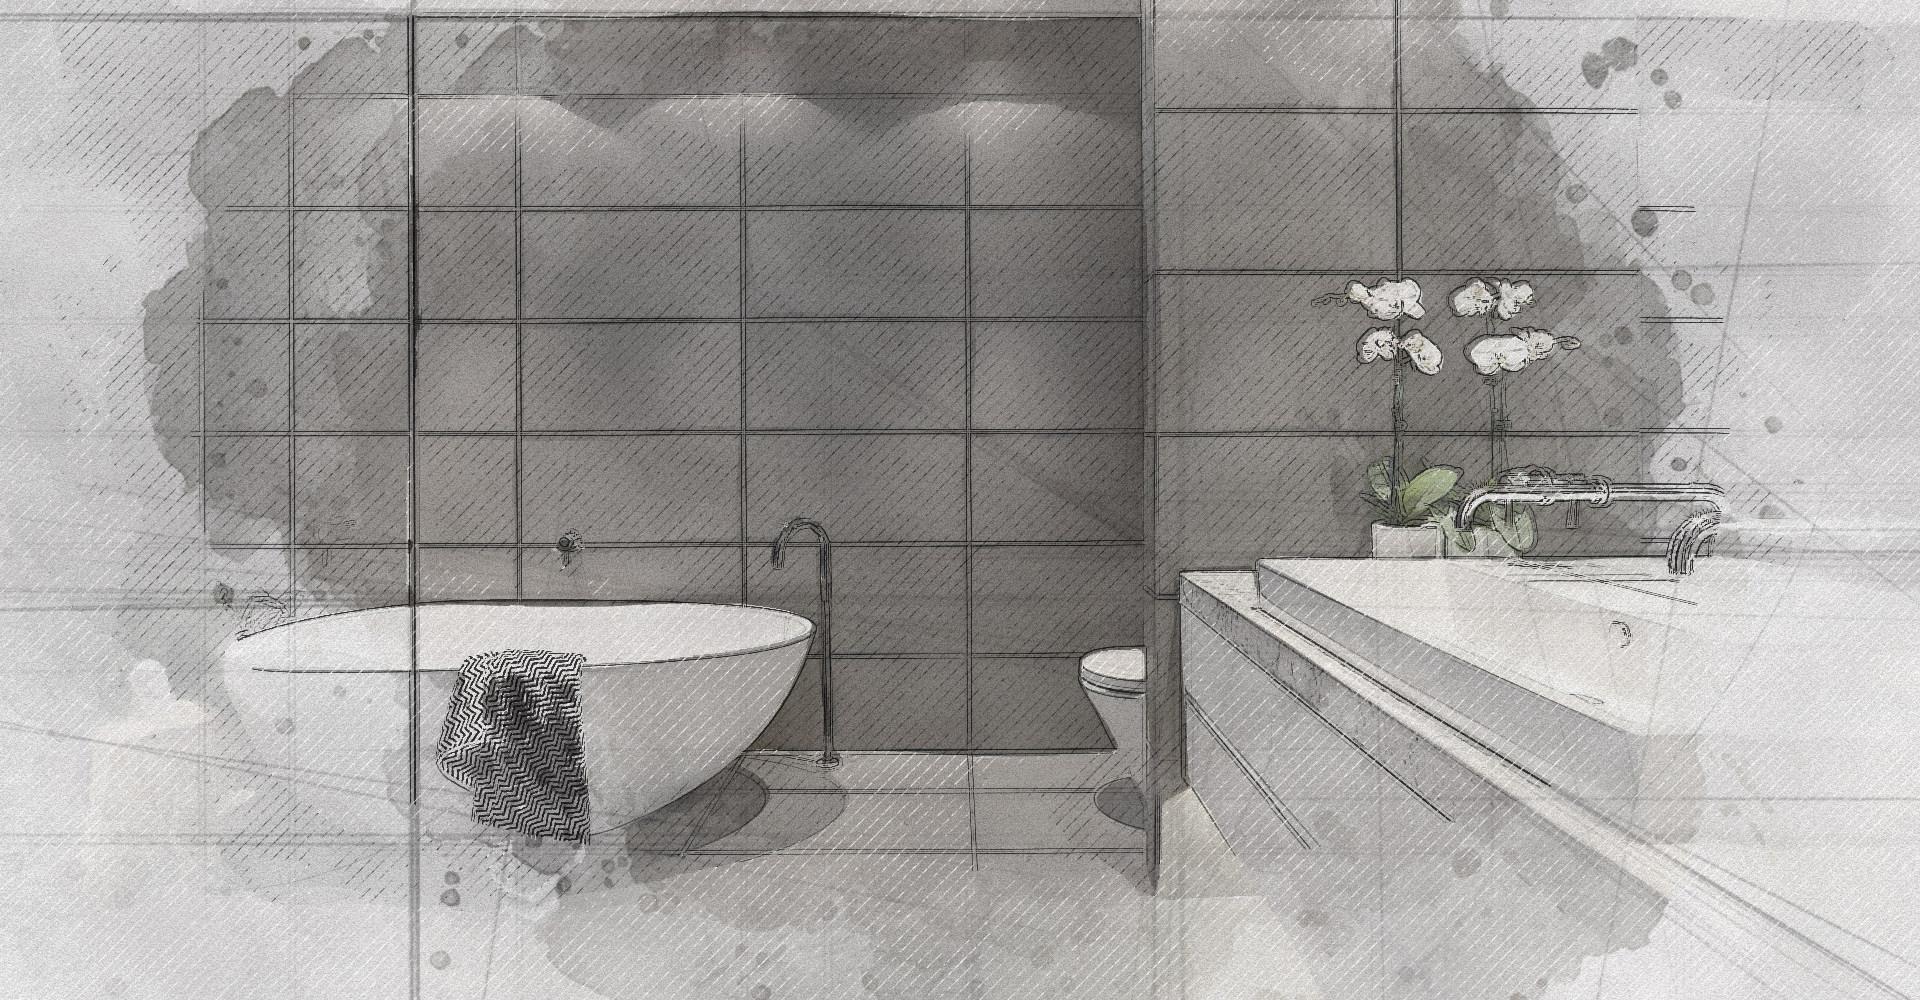 badkamer installeren - installatiebedrijf_deboots - Noord-Holland